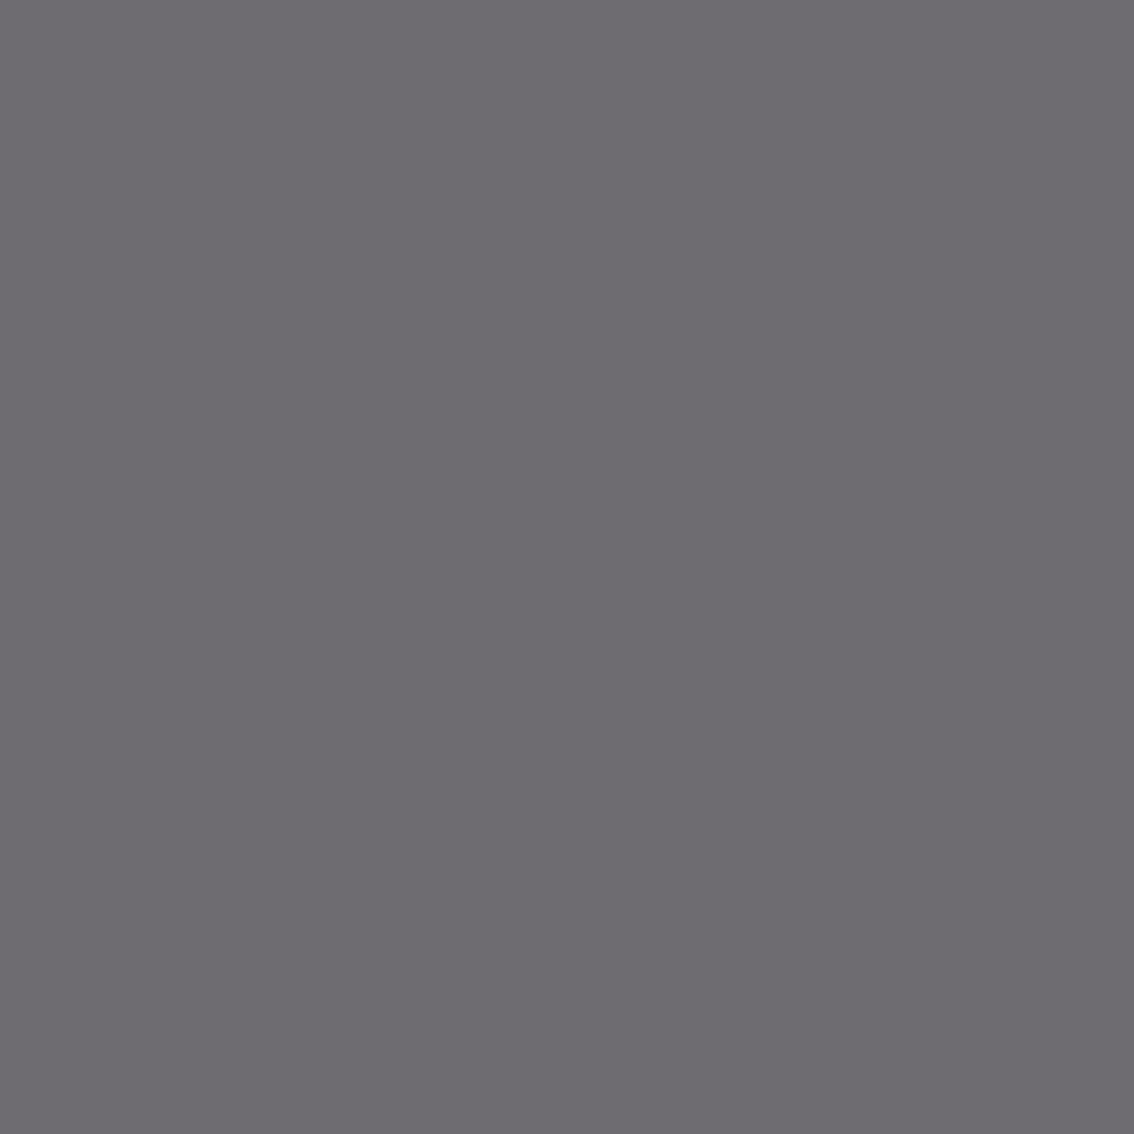 Stuhl Krono Gestell: verchromt, Kunstleder, grau